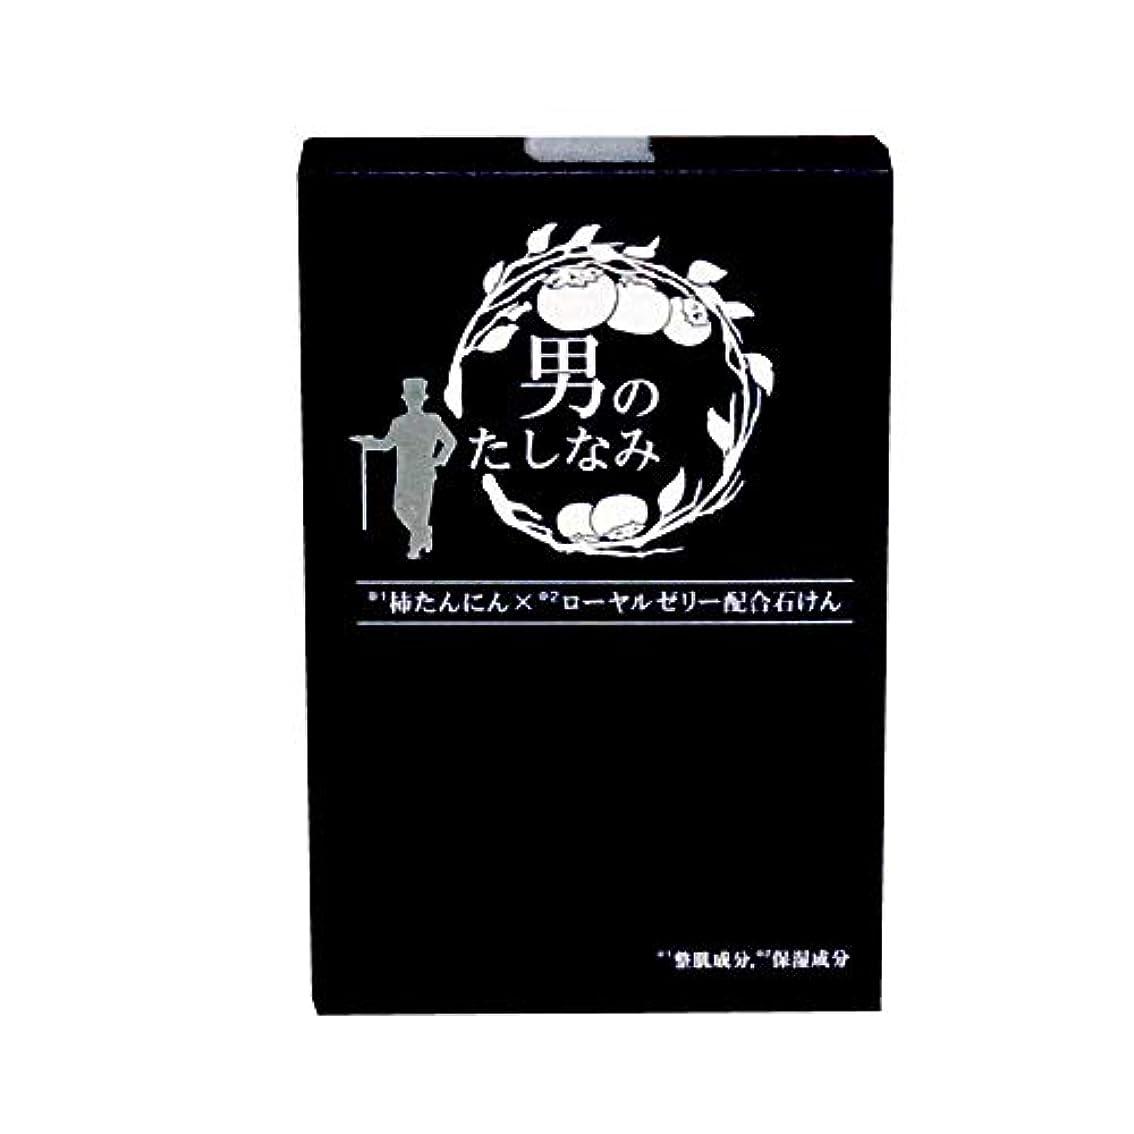 静かに六分儀サスペンド【初回限定 お試し価格】 柿渋石鹸 男のたしなみ (100g)